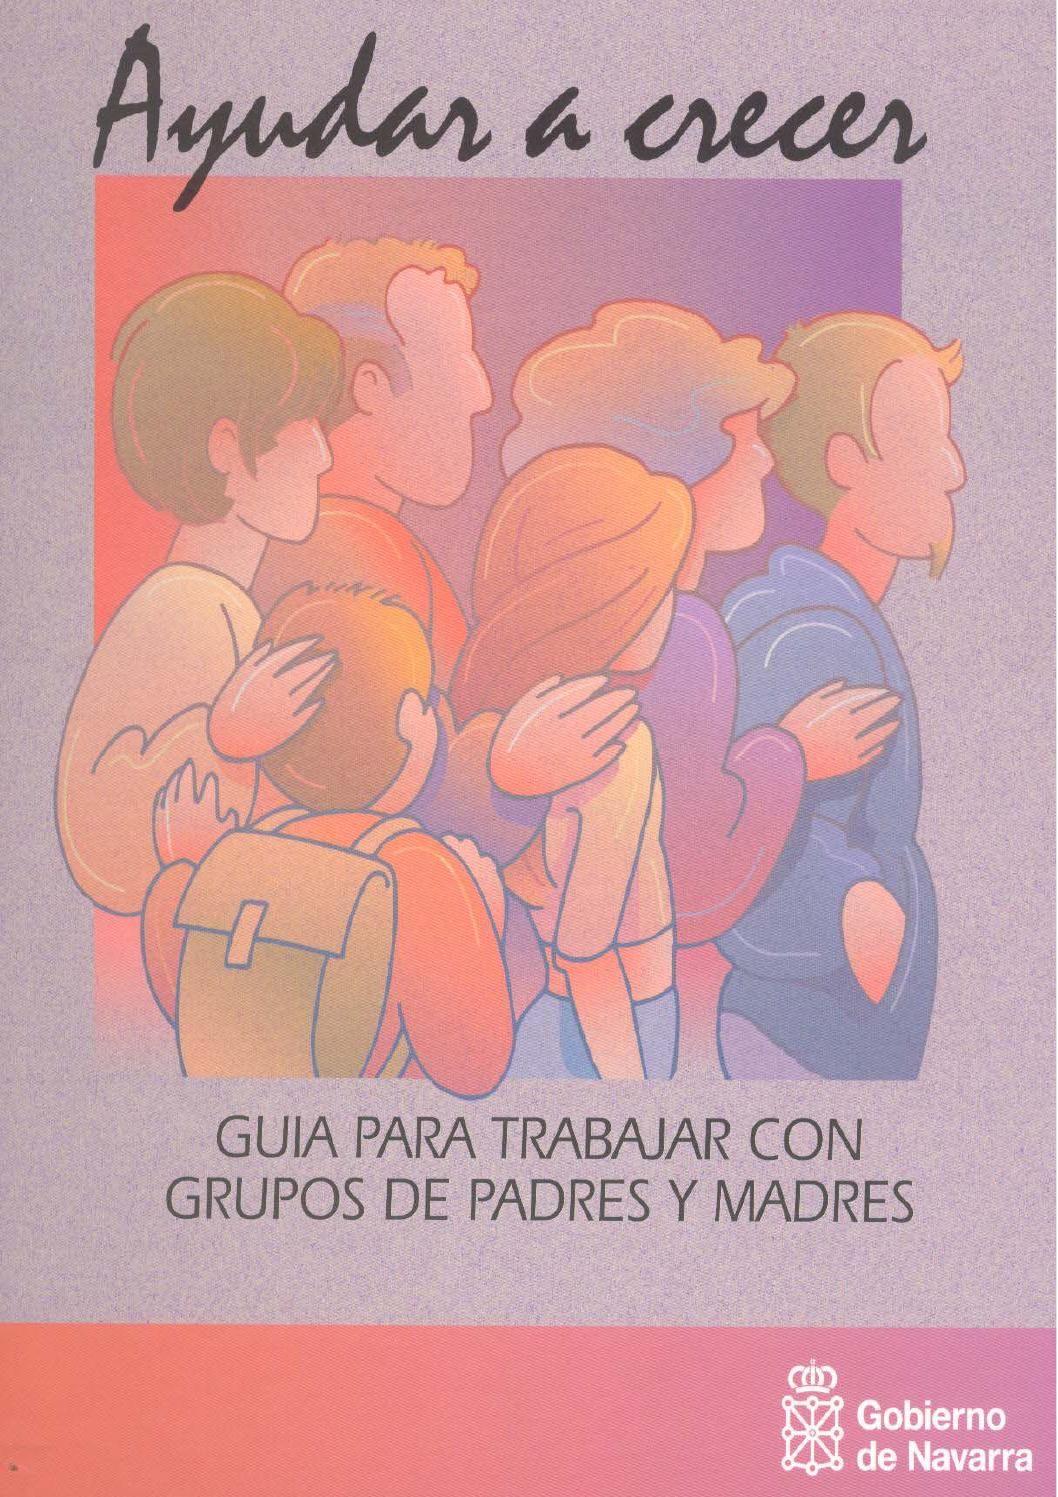 Ayudar a crecer.  Guía para trabajar con grupos de padres y madres. Gobierno de Navarra.